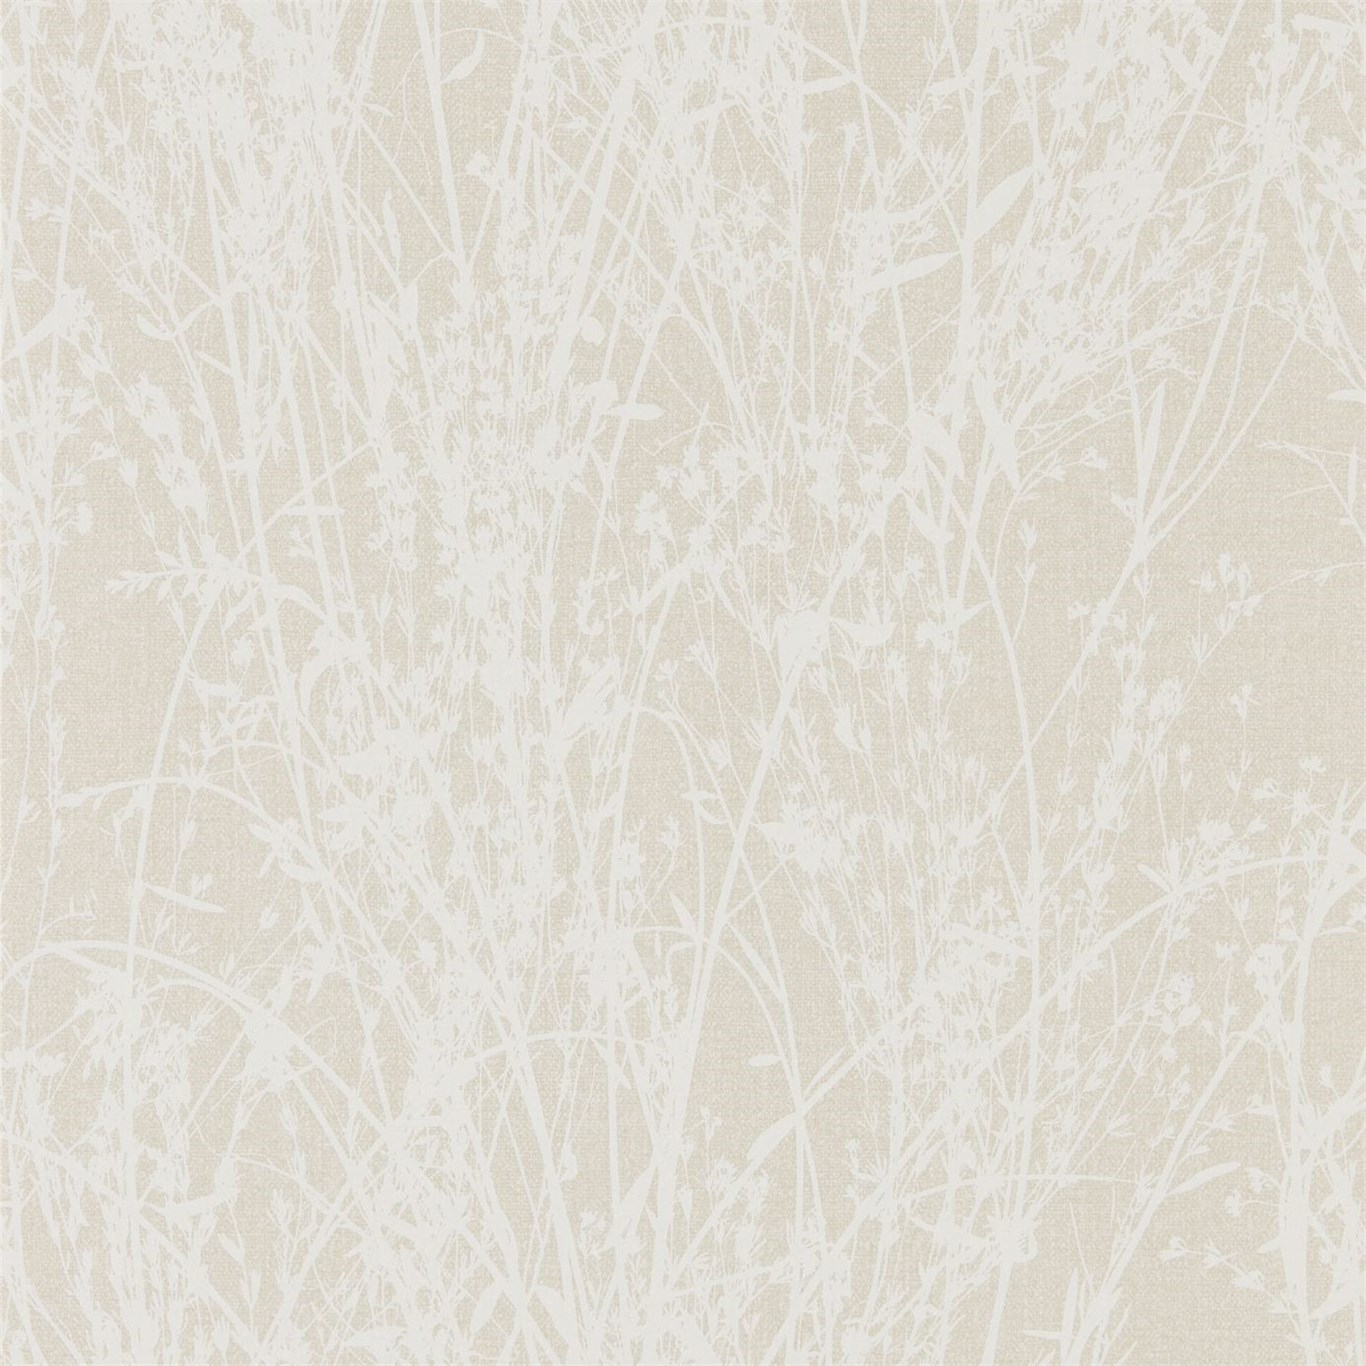 Meadow Canvas 215695